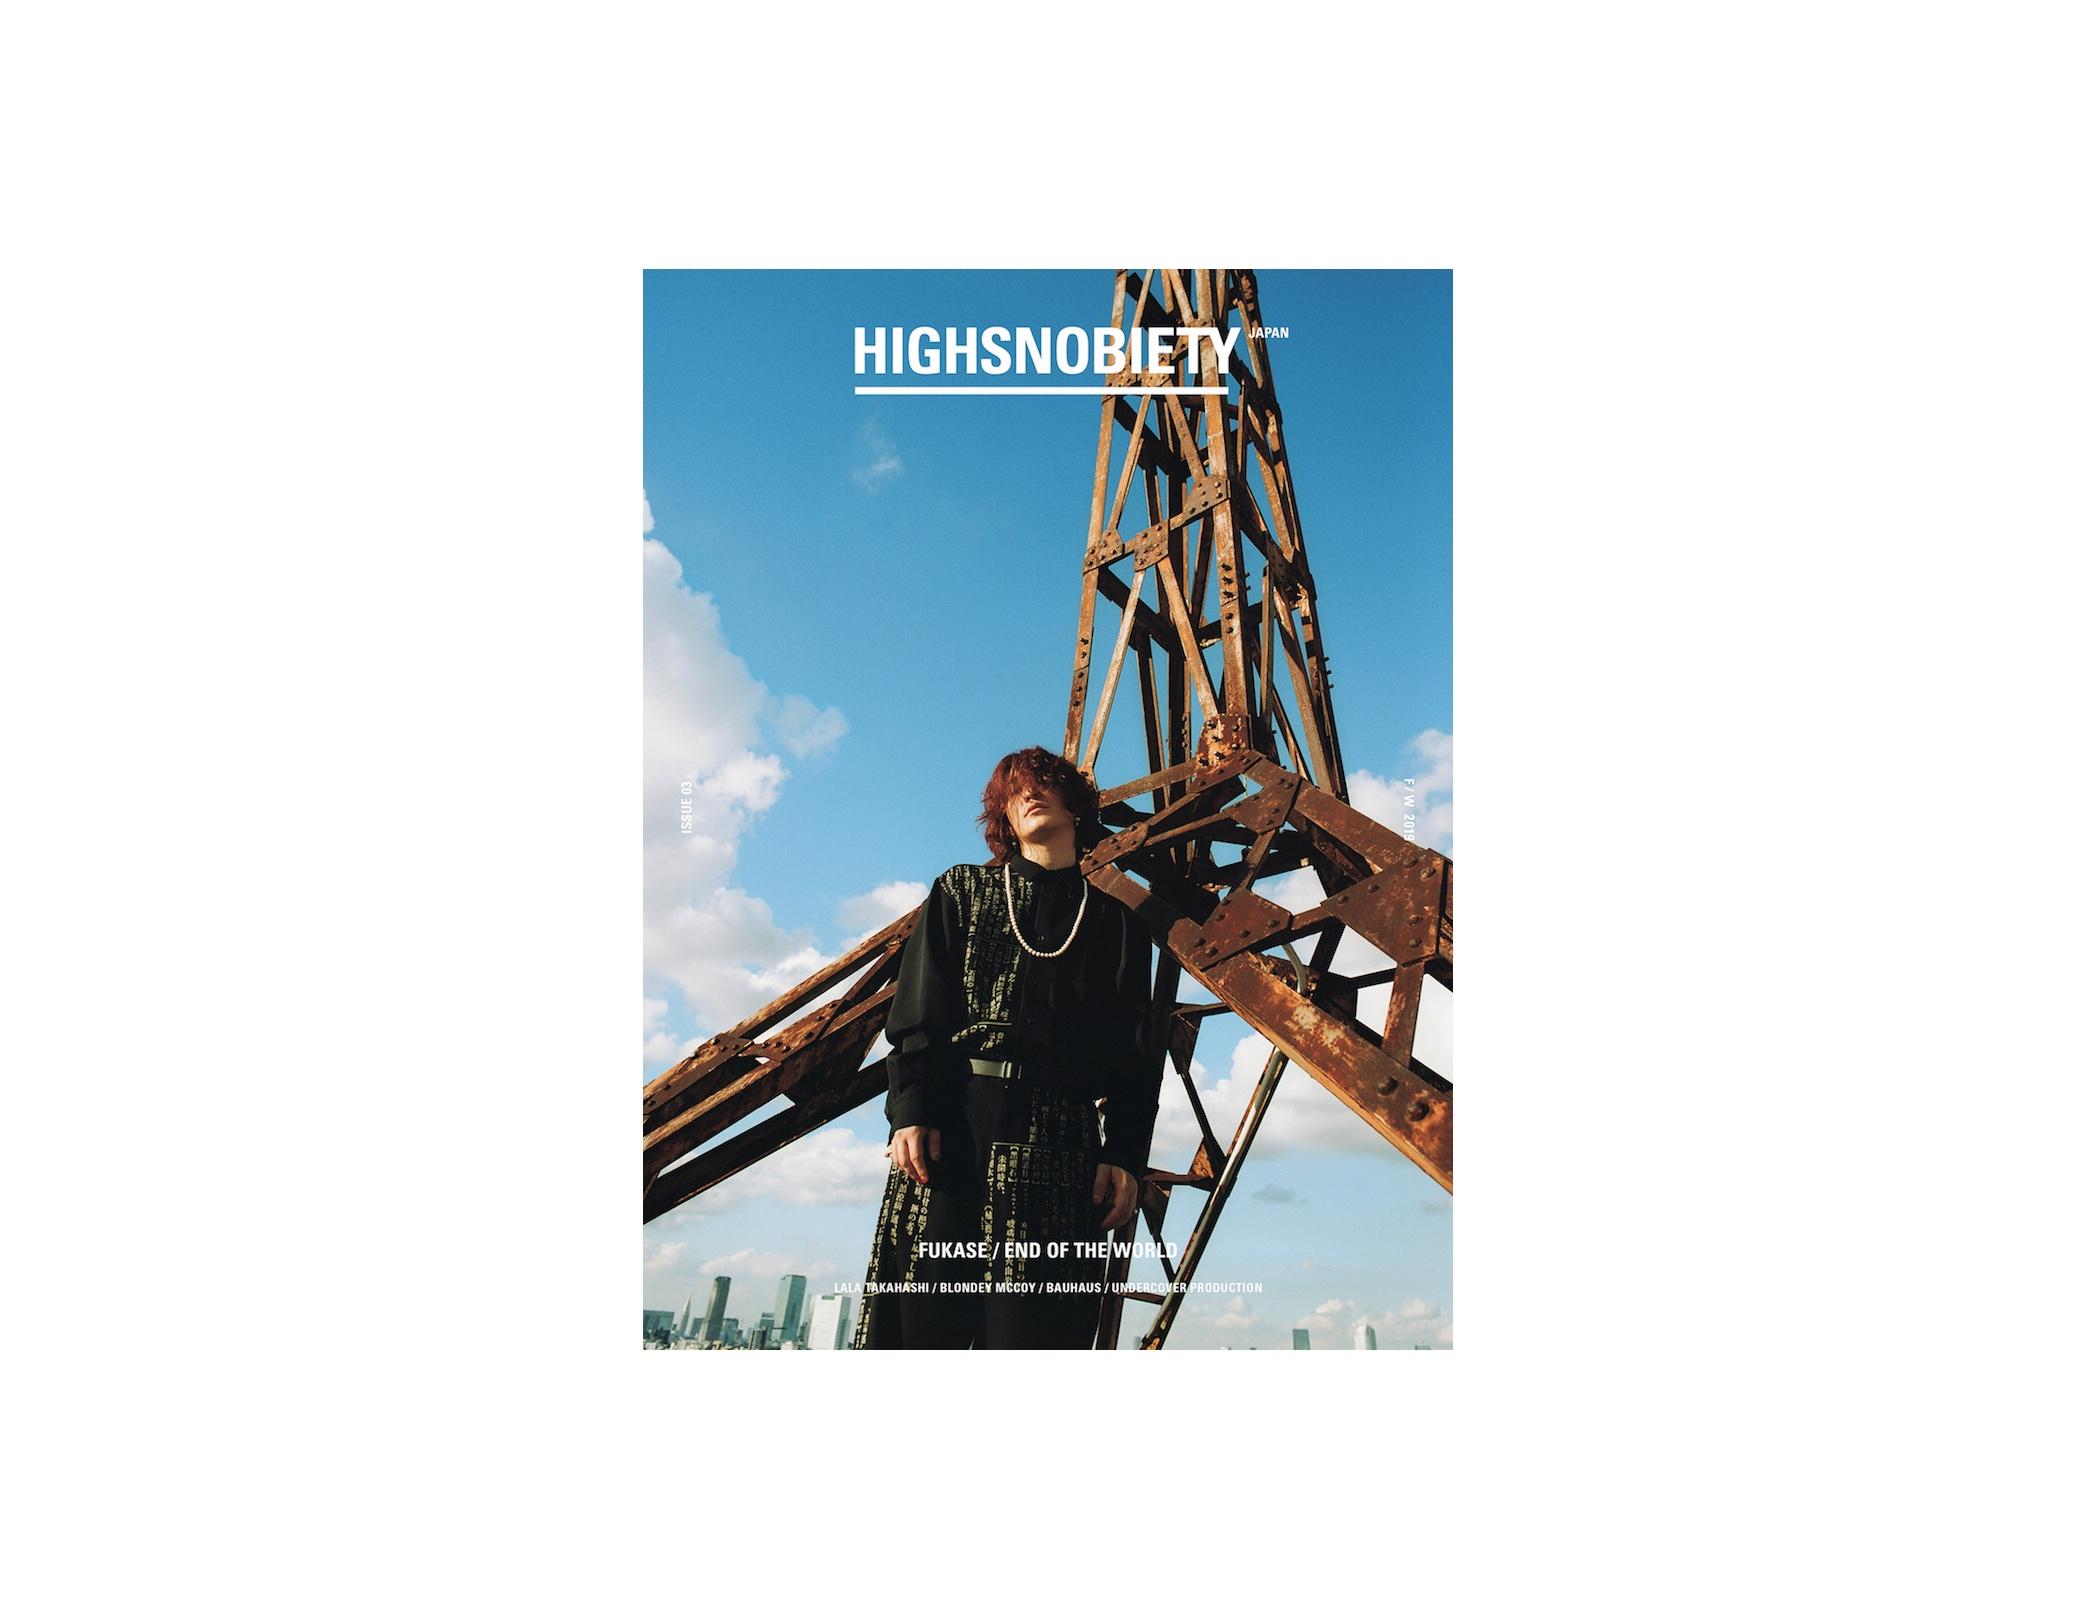 【表紙解禁】HIGHSNOBIETY JAPAN最新号の表紙はEnd of the World / Fukase